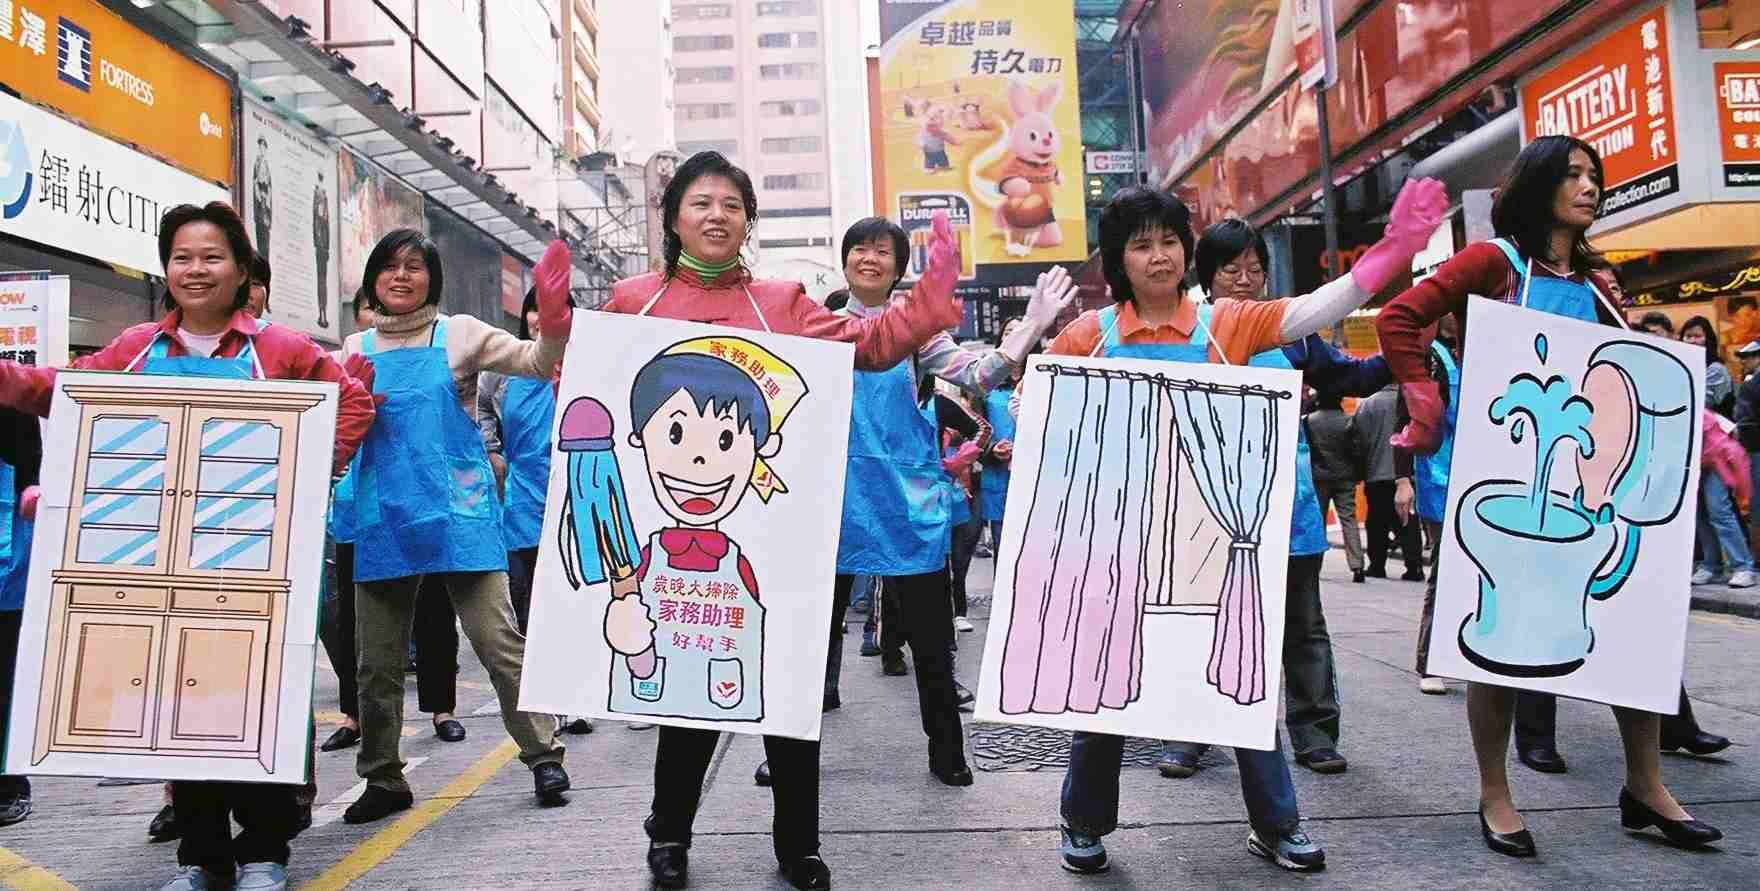 HKDWGU big clean promote